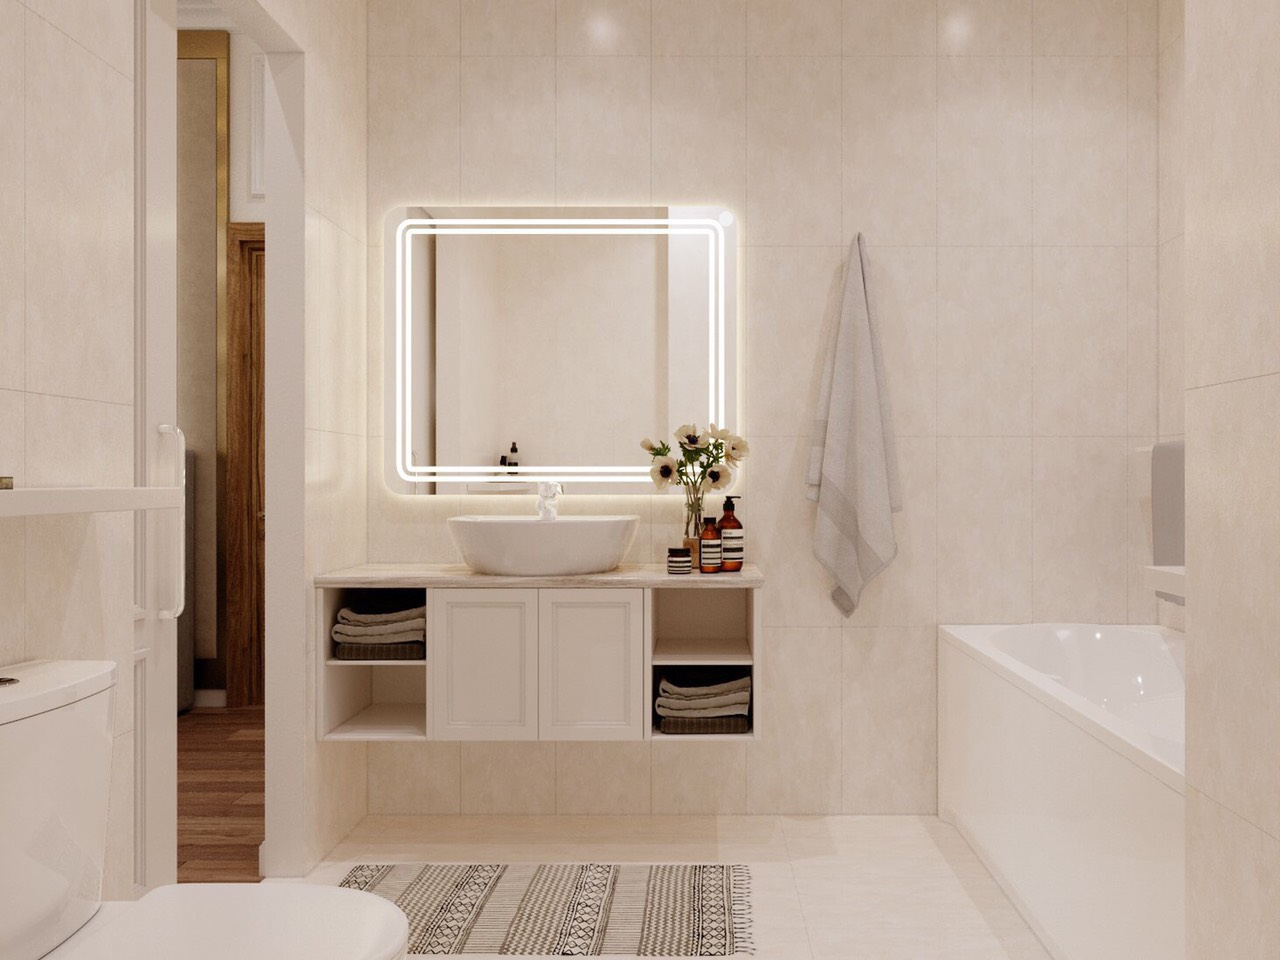 Thiết kế thi công nội thất chung cư Bình Tân